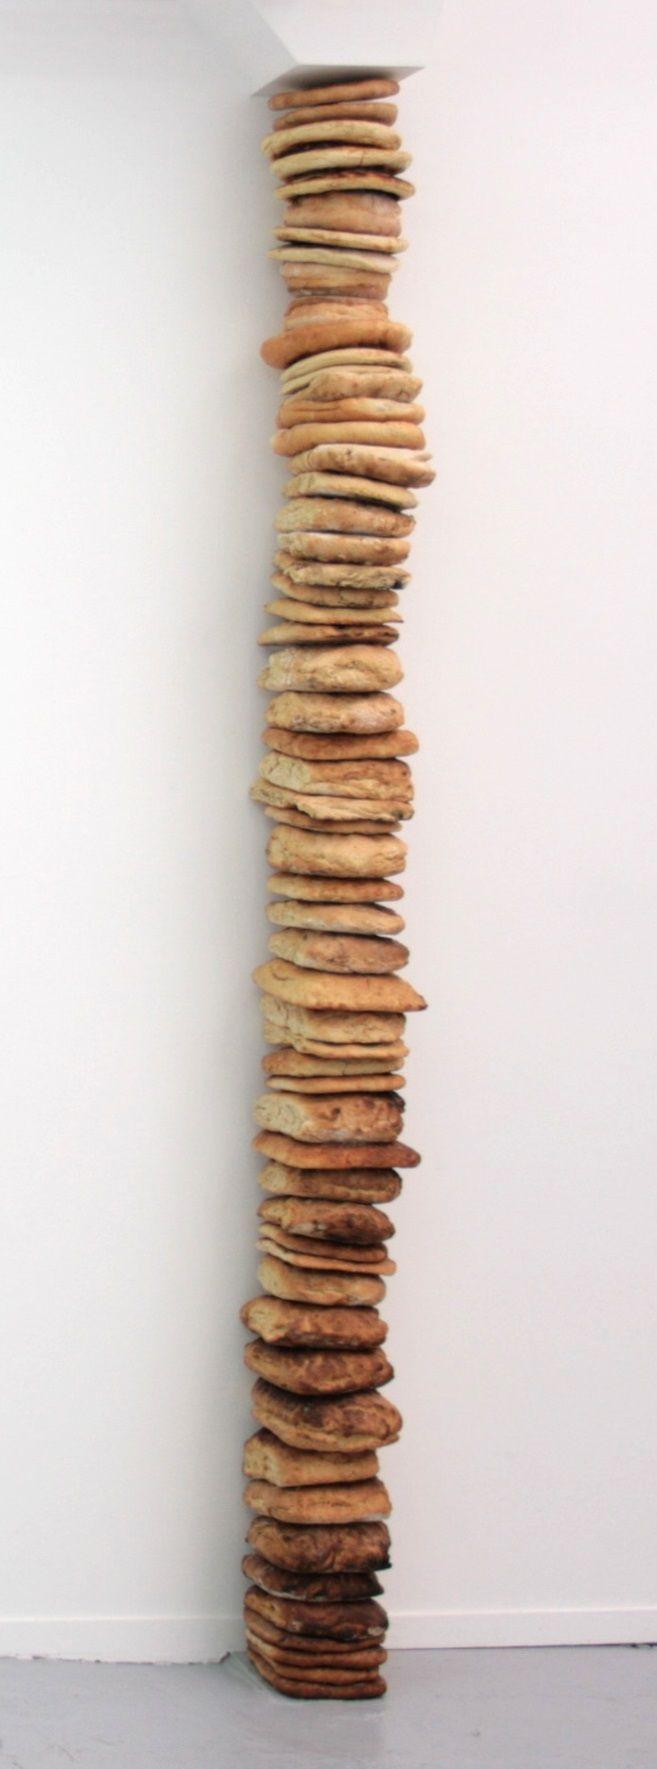 09-coraline-de-chiara-d-une-ligne-issue-de-lignes-pains-2016-2f579ae3fcff086e1a50b68a34e343b9